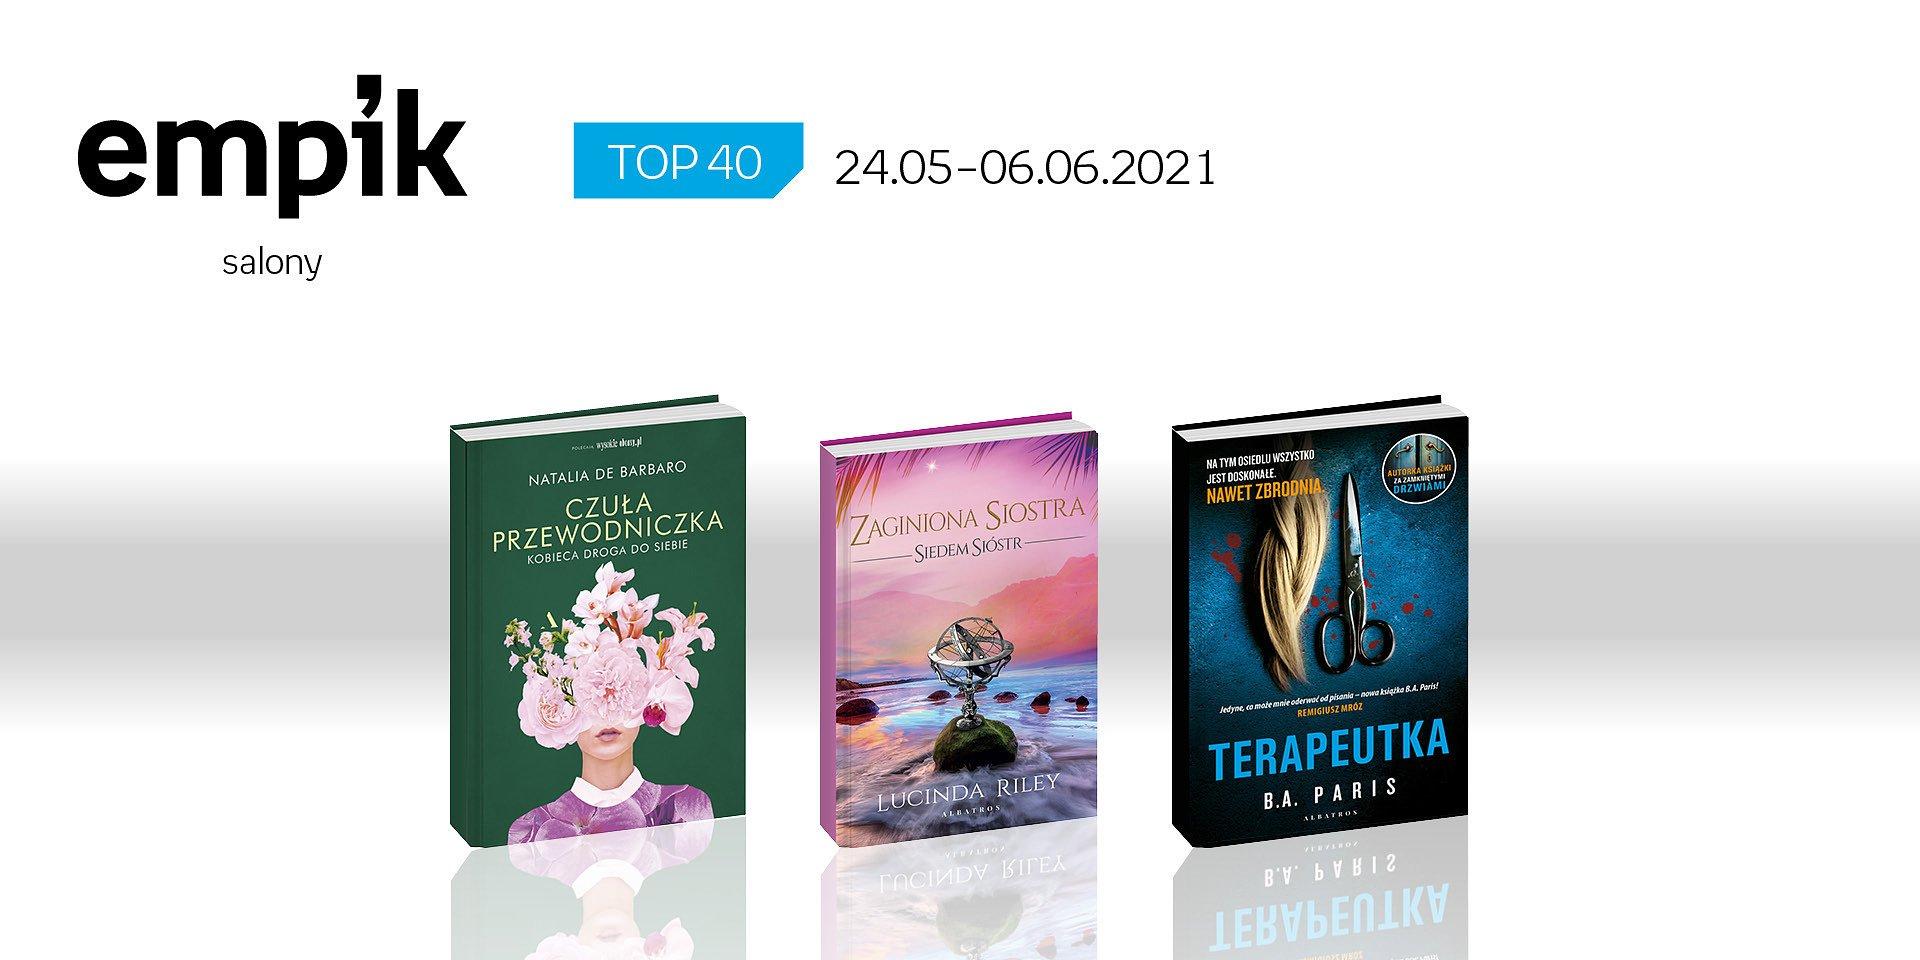 Książkowa lista TOP 40 w salonach Empiku za okres od 24 maja do 6 czerwca